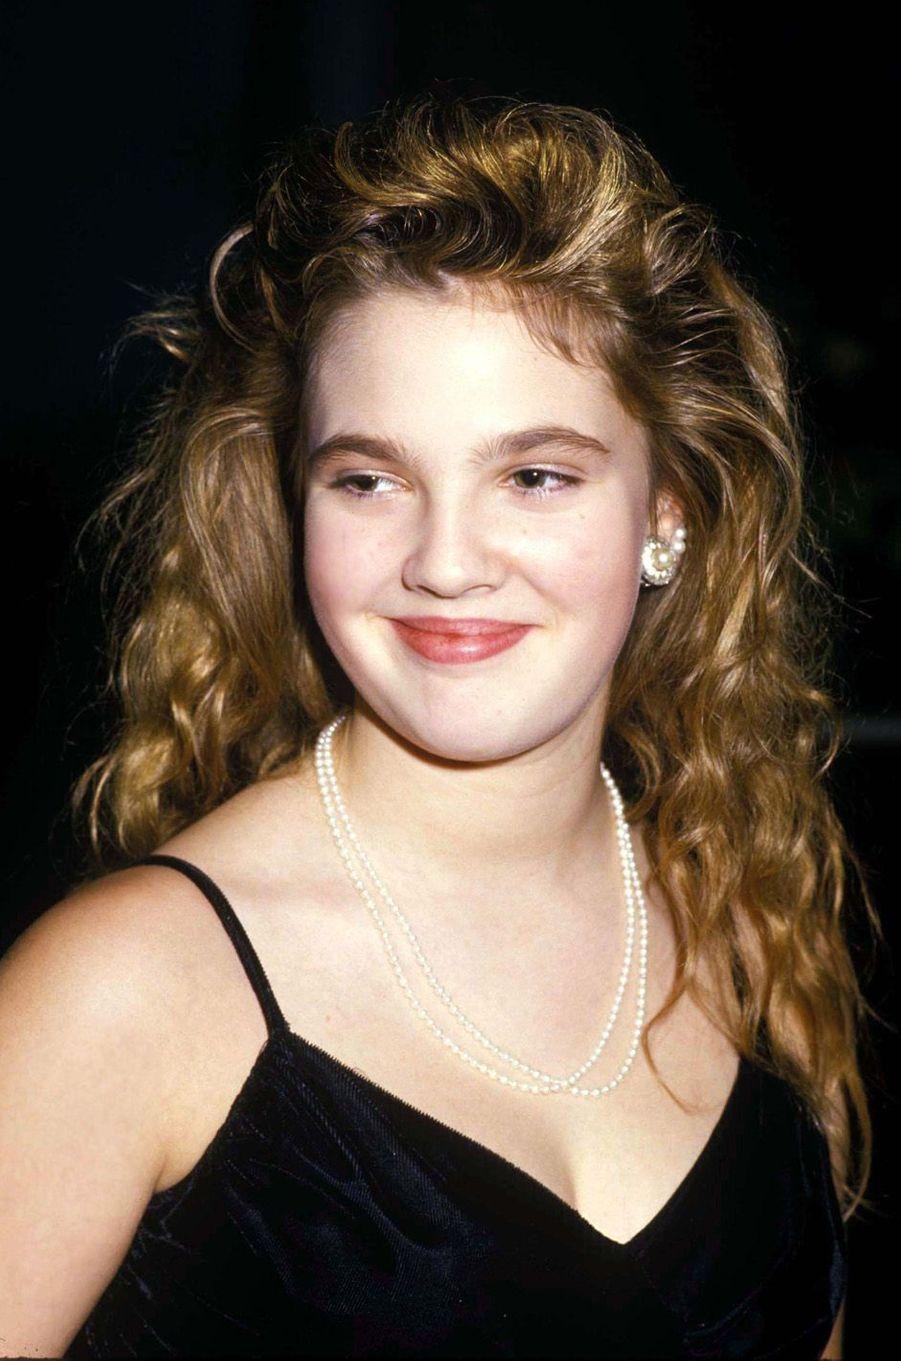 Drew Barrymore en 1987.